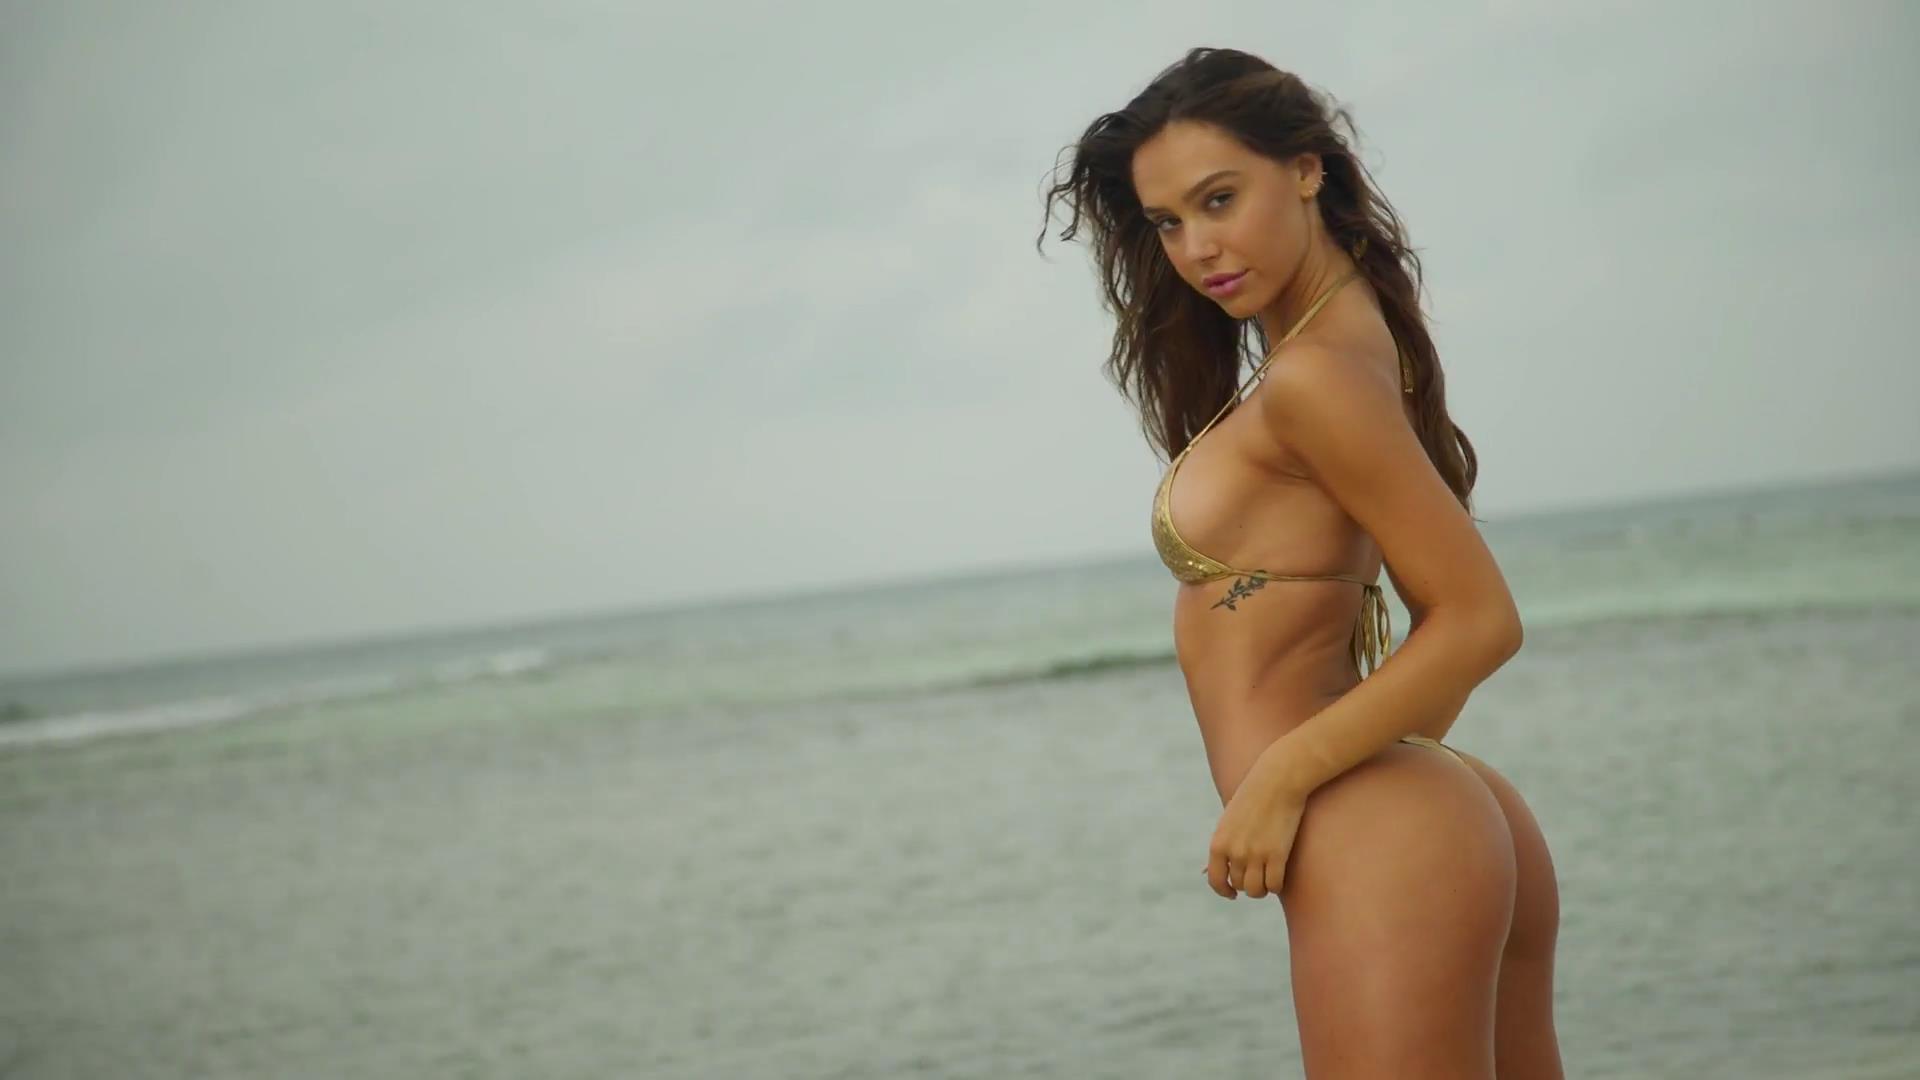 Alexis Ren fotos desnuda hackeadas 2